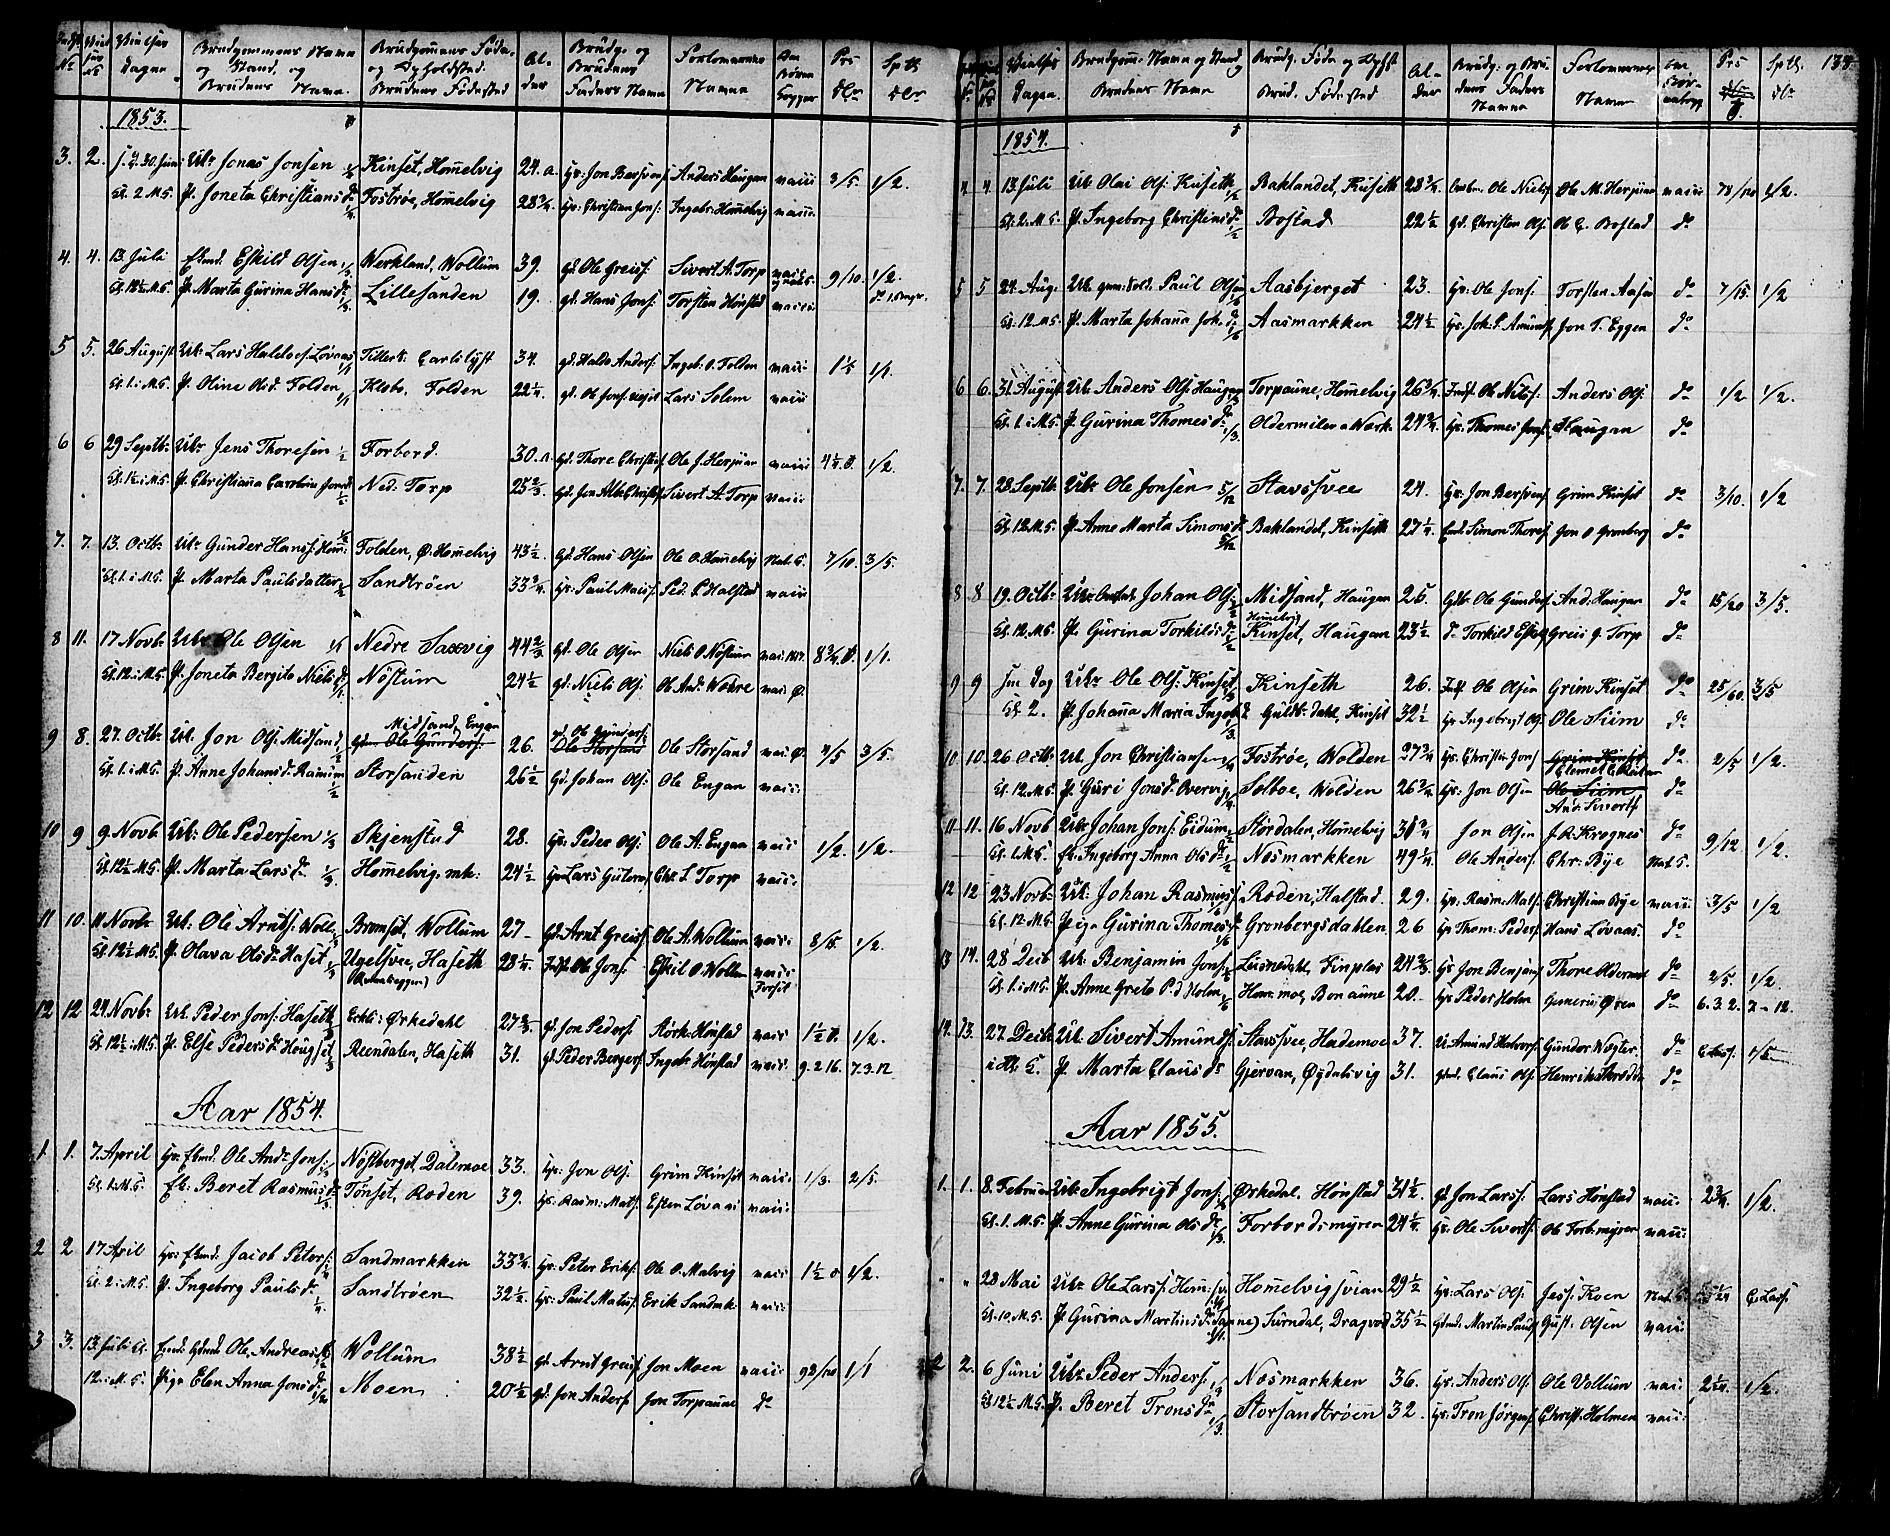 SAT, Ministerialprotokoller, klokkerbøker og fødselsregistre - Sør-Trøndelag, 616/L0422: Klokkerbok nr. 616C05, 1850-1888, s. 138